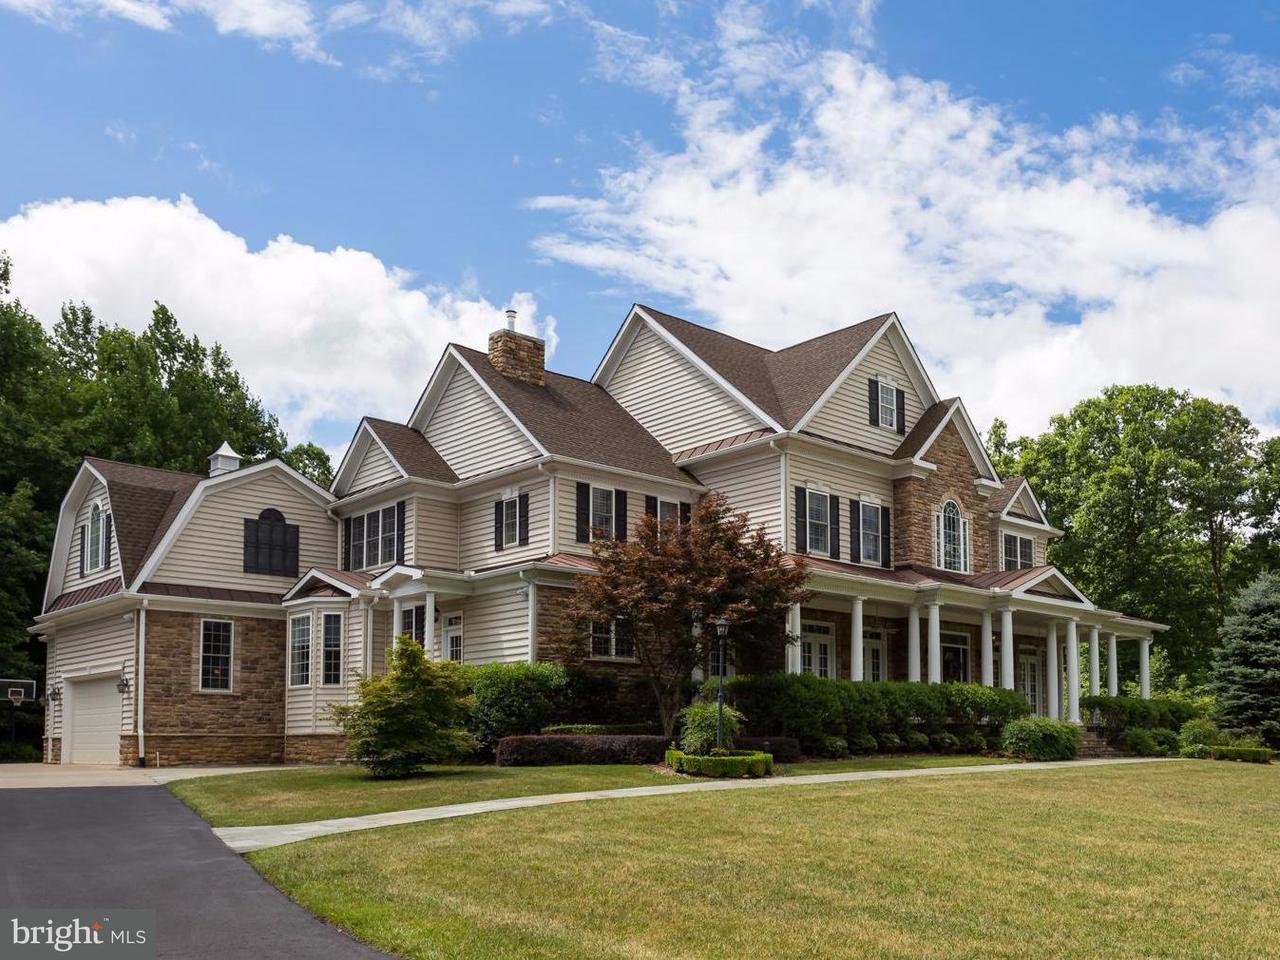 Частный односемейный дом для того Продажа на 78 PARTRIDGE Lane 78 PARTRIDGE Lane Stafford, Виргиния 22556 Соединенные Штаты